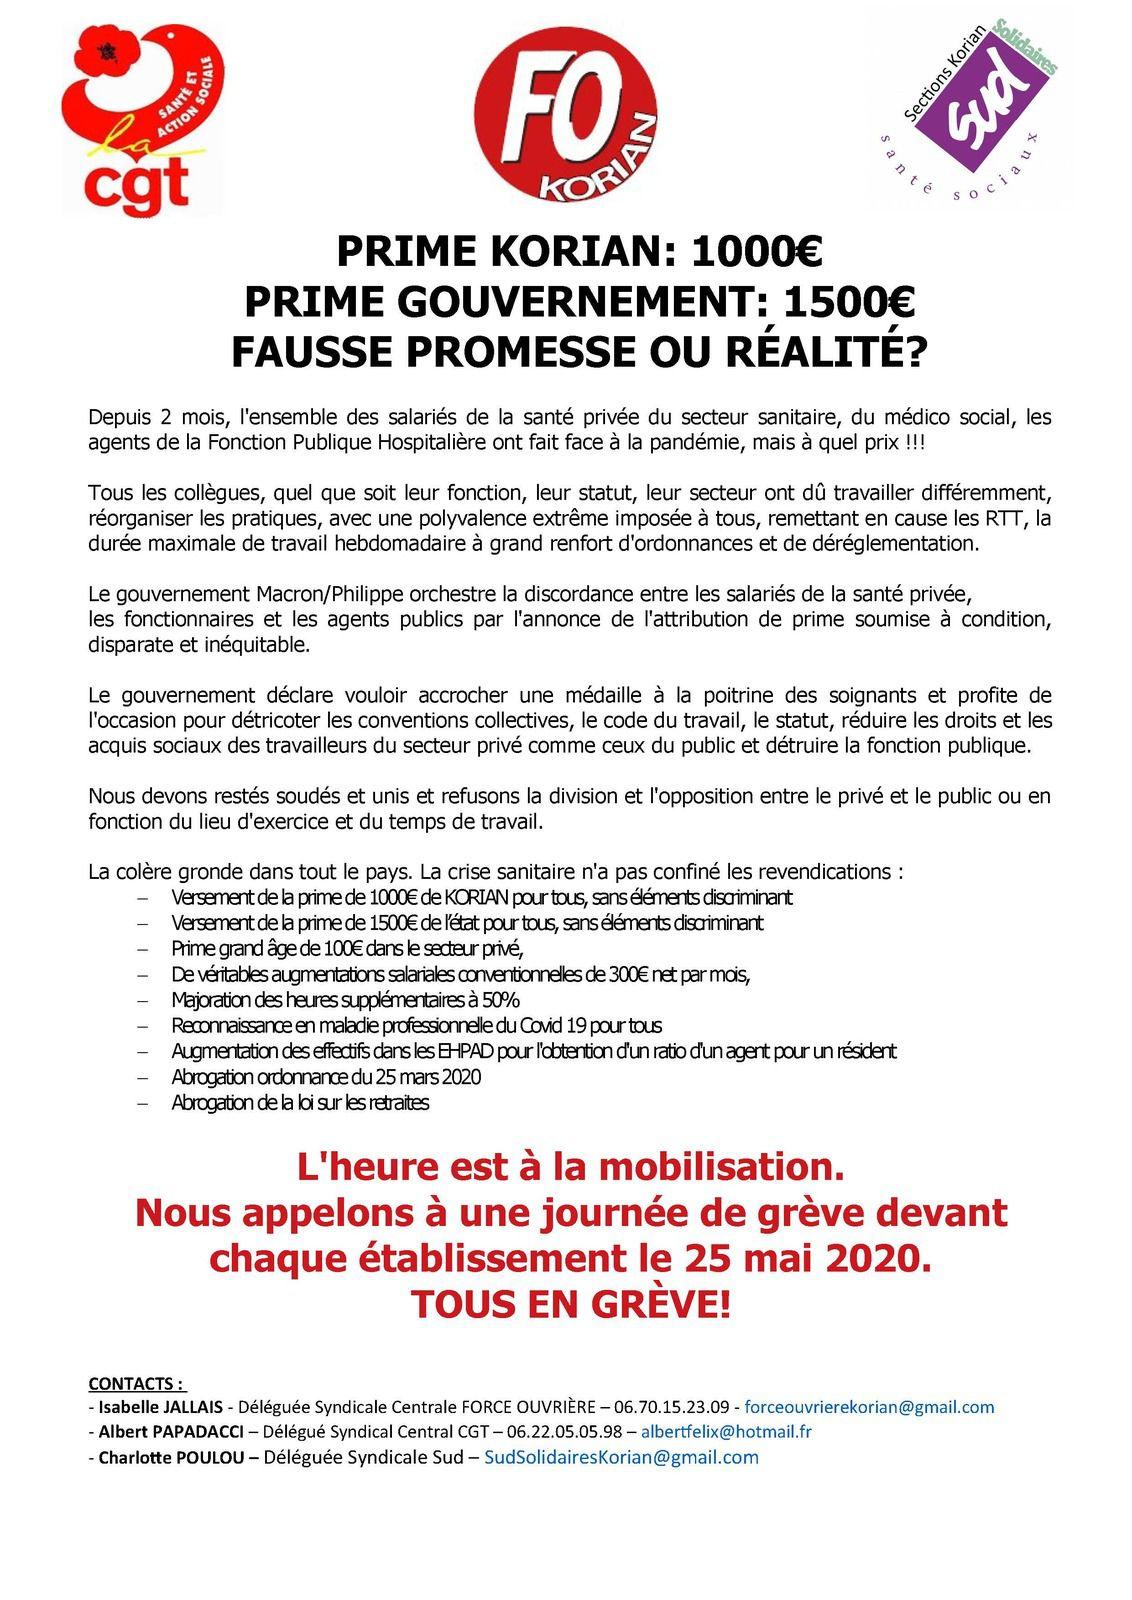 Communiqué FO/CGT/SUD Korian: PRIME KORIAN: 1000€ ,PRIME GOUVERNEMENT: 1500€, FAUSSE PROMESSE OU RÉALITÉ?